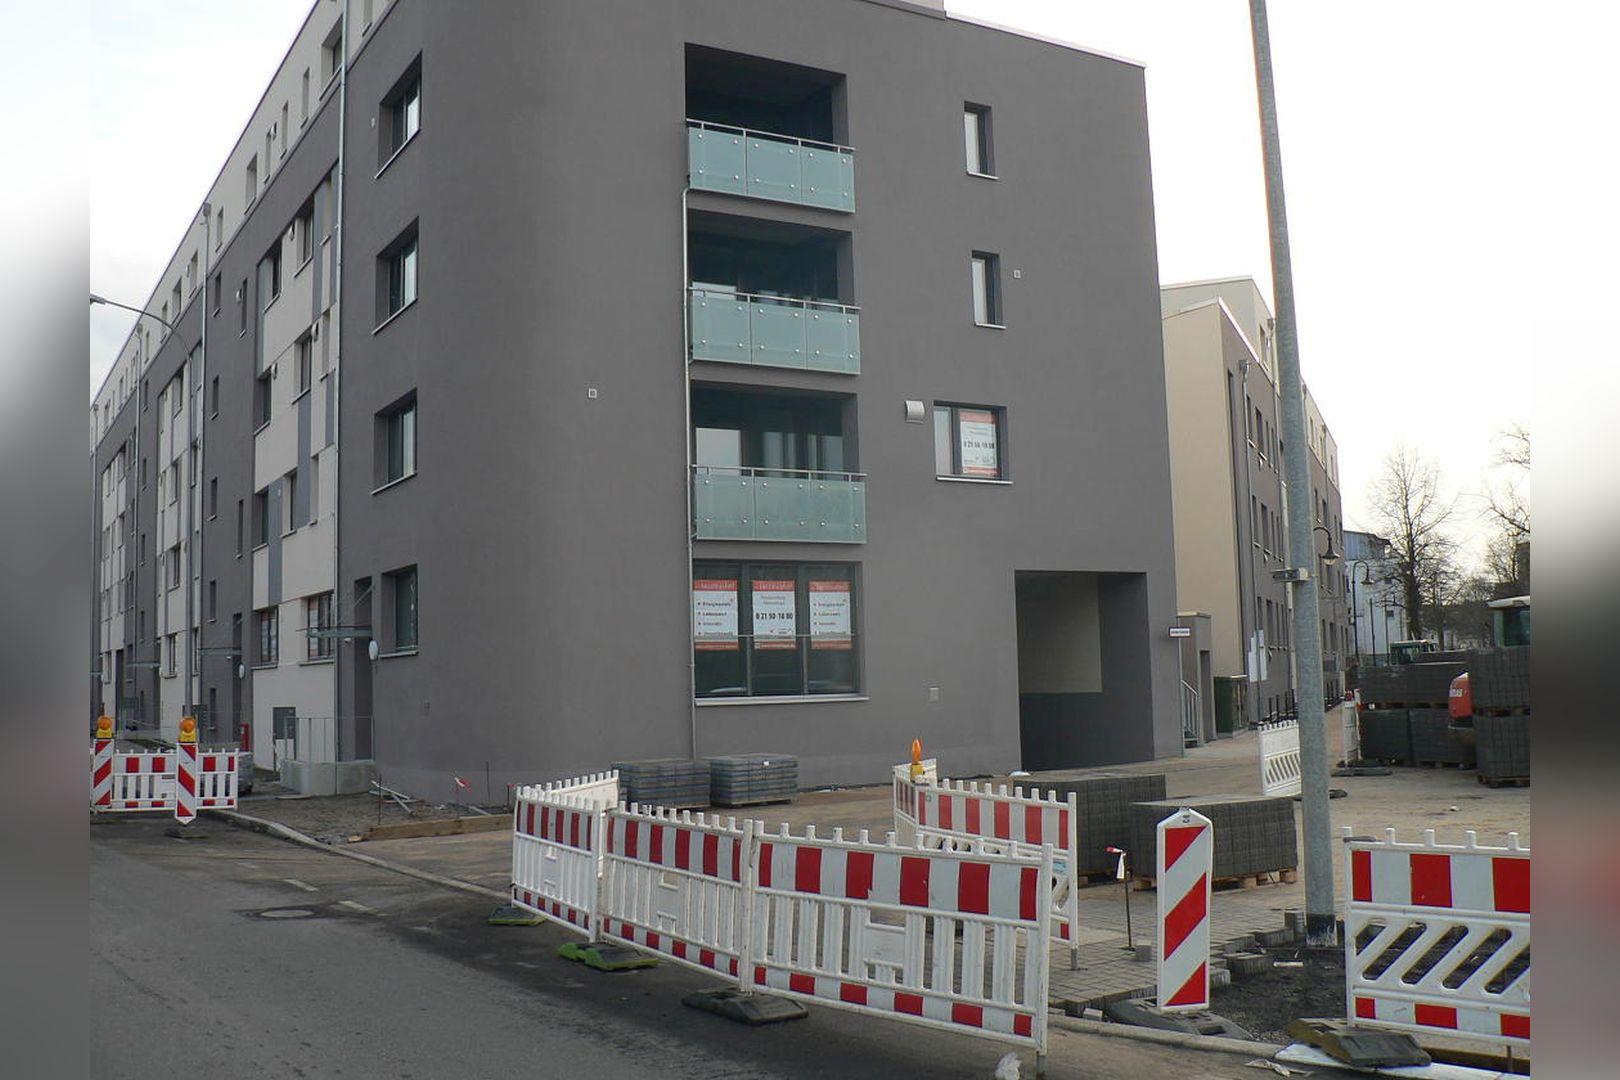 Immobilie Nr.Hilden 10 + 11 - Für Büro-Praxis-Service-Dienstleistung in absoluter Werbelage! - Bild main.jpg